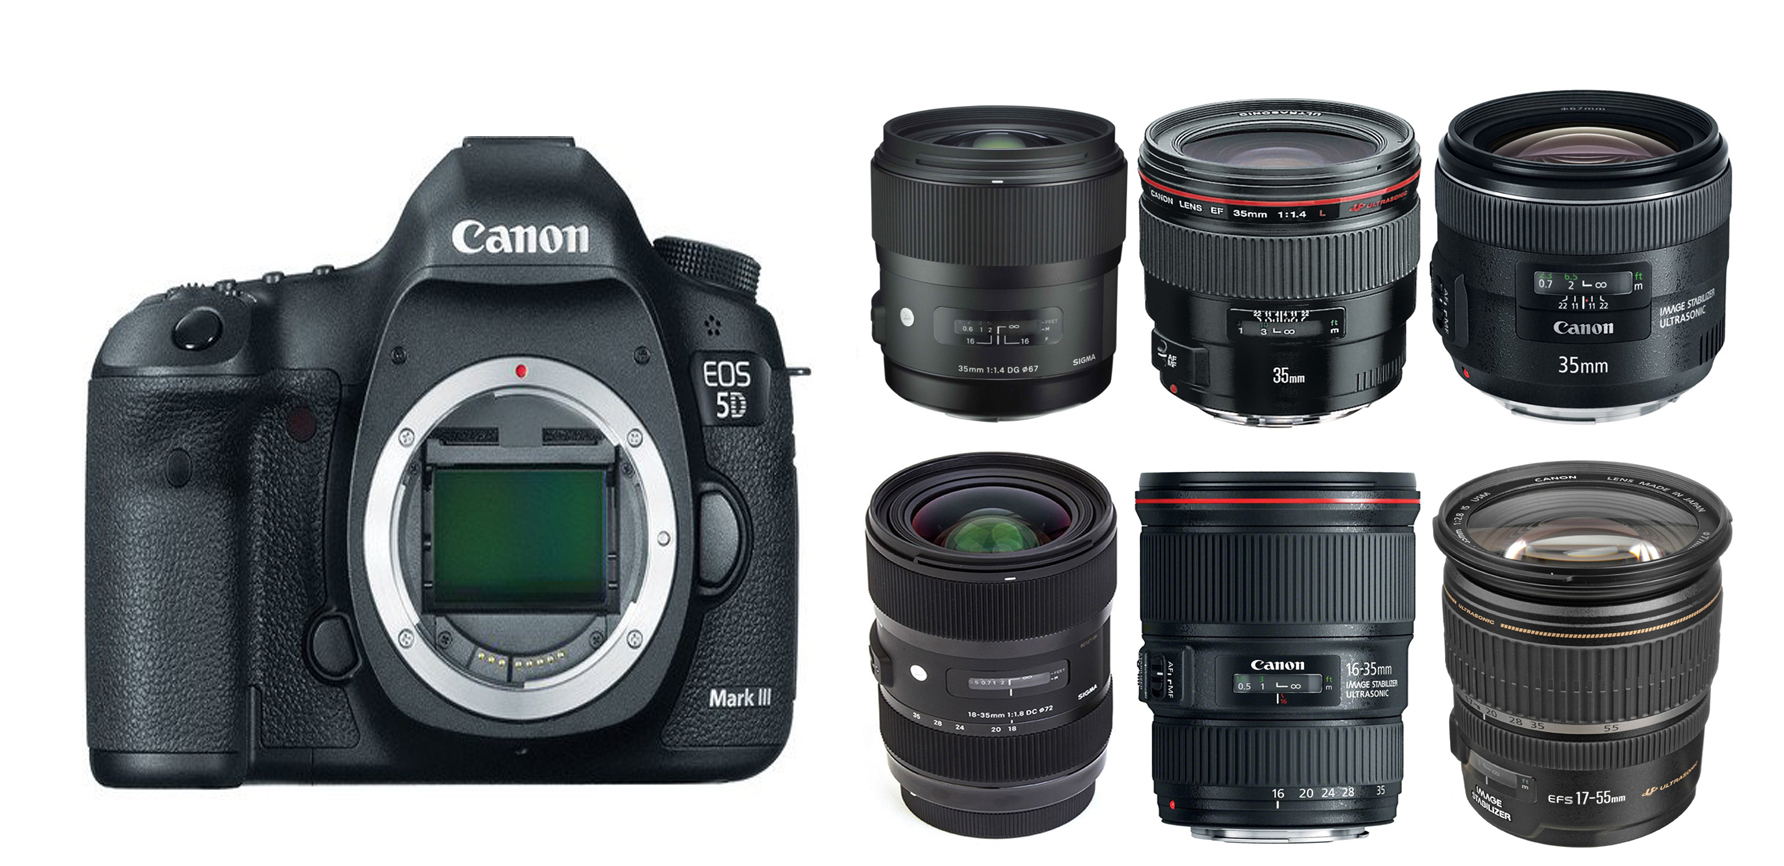 Best Wide-angle Lenses for Canon EOS 5D Mark III | Lens Rumors